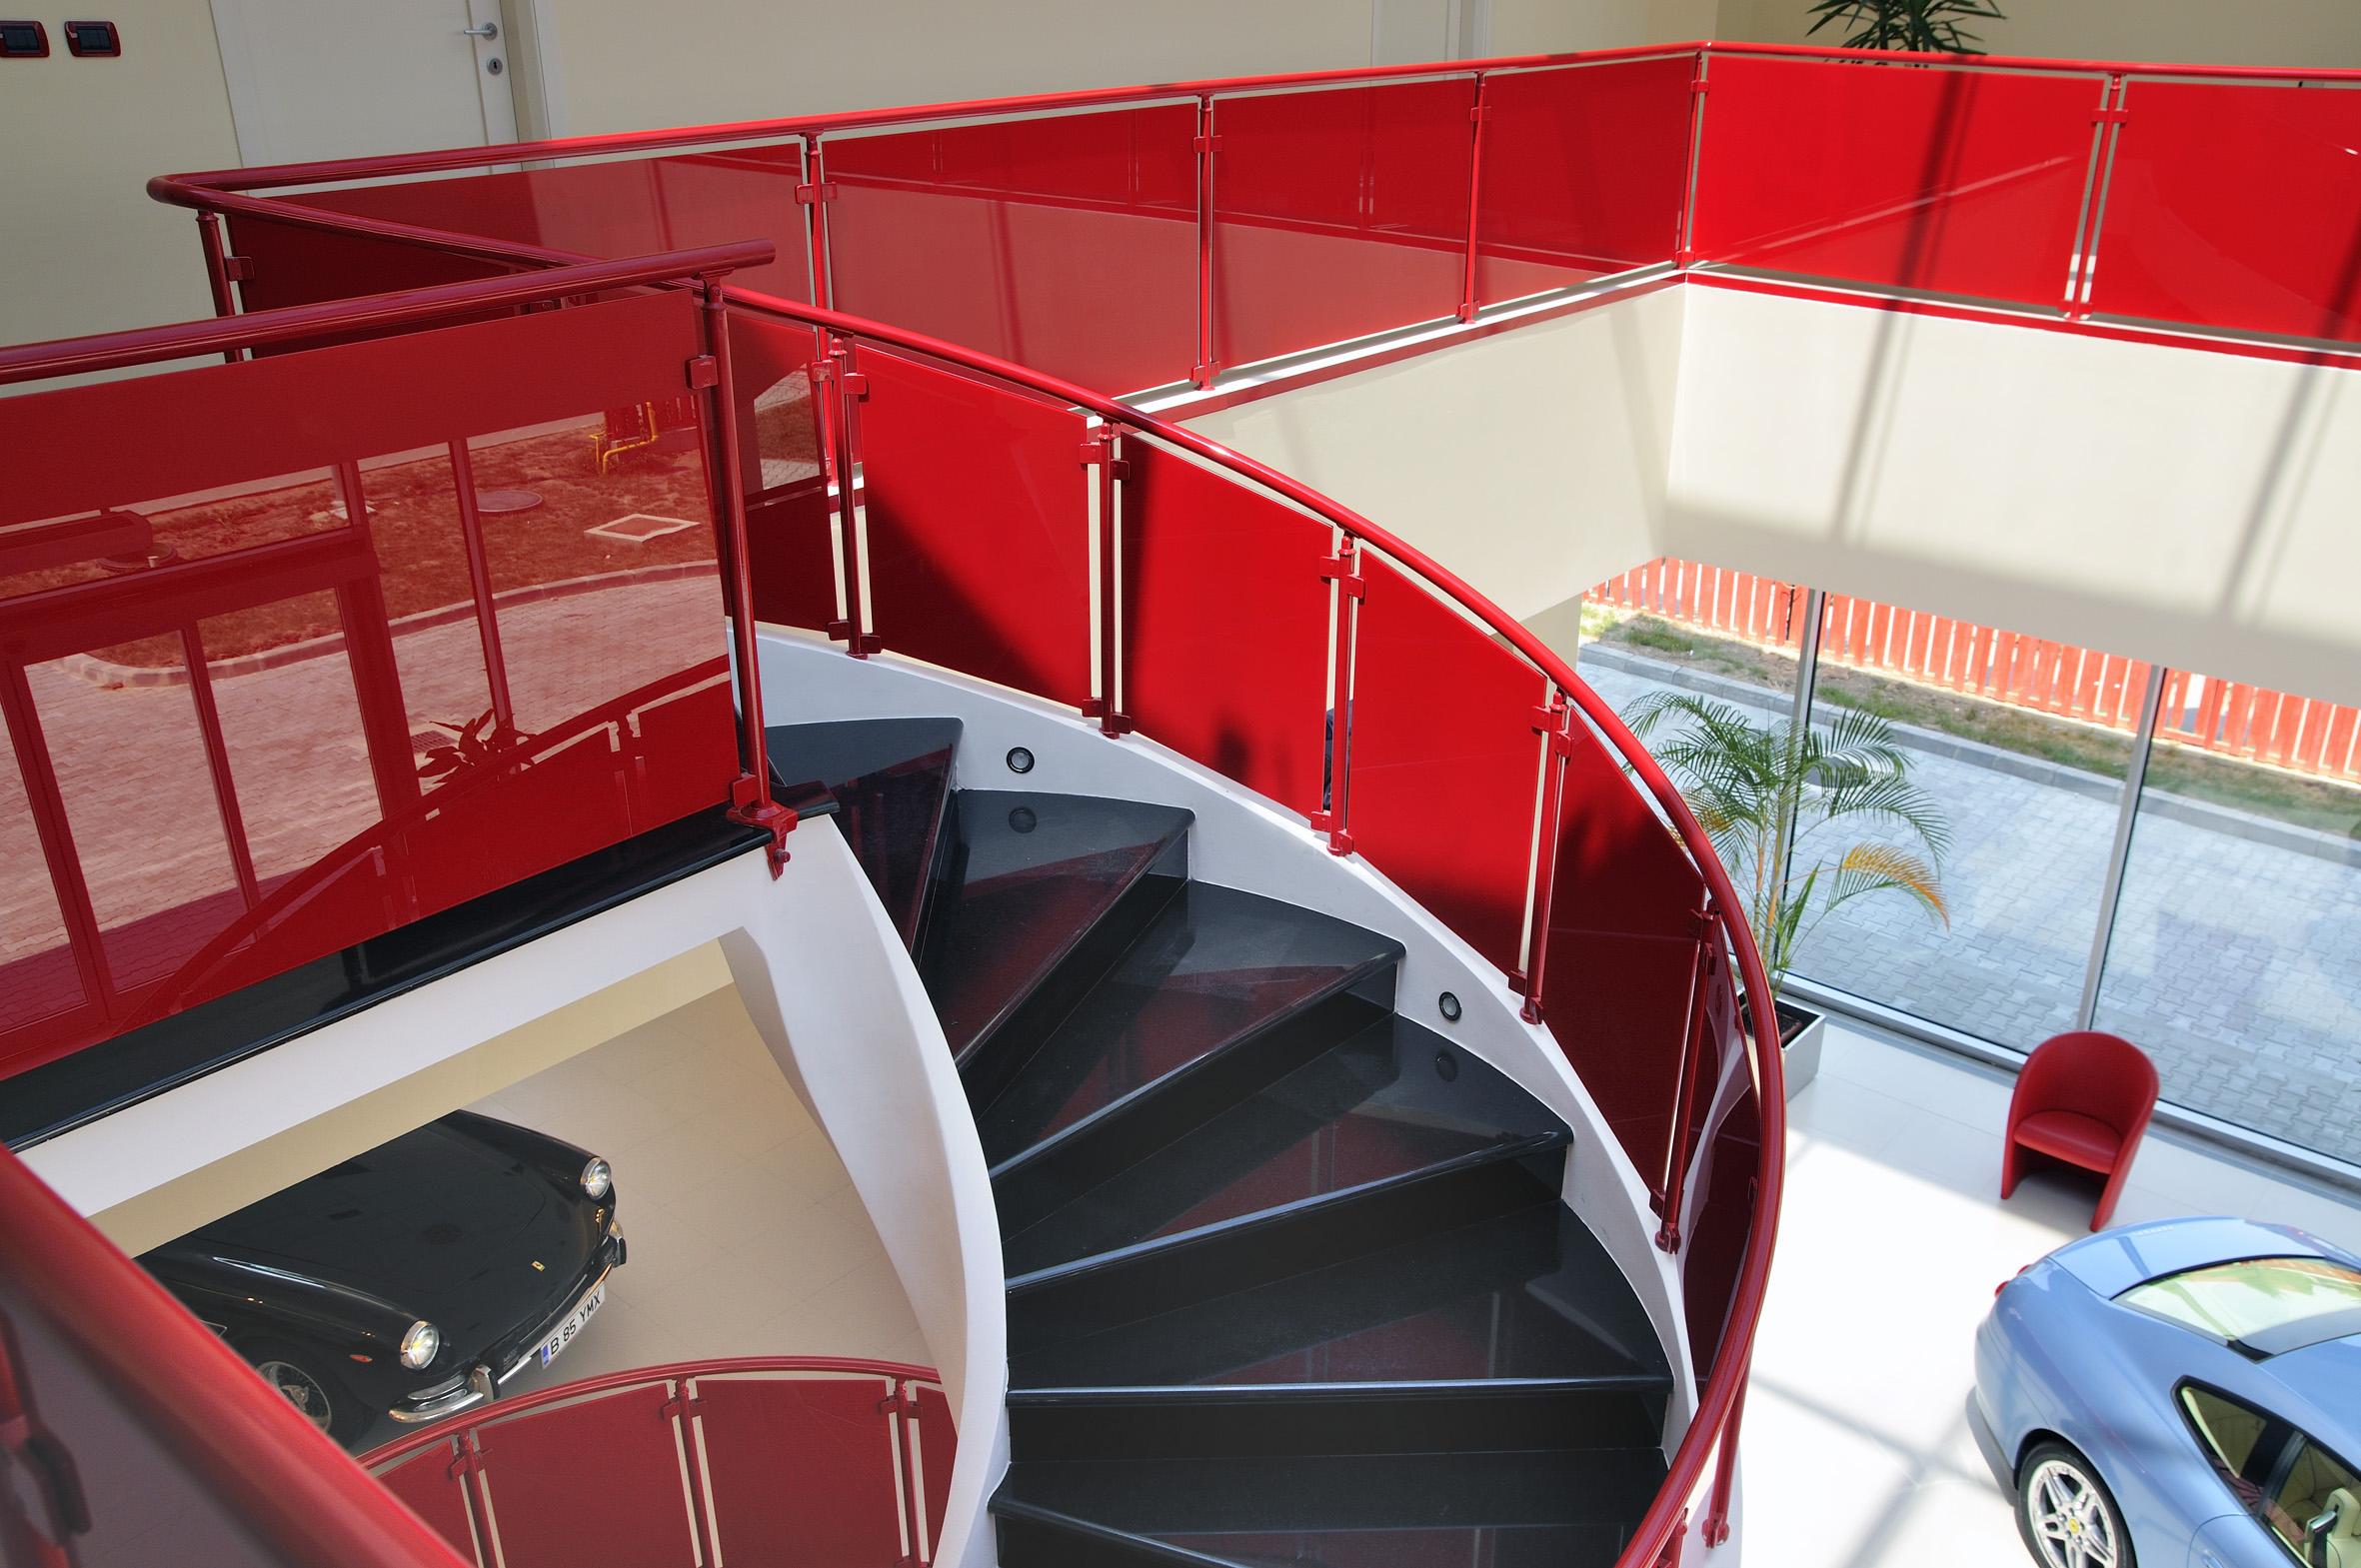 Scara interioara cu balustrade din sticla SPECTRUM INDUSTRIES - Poza 65